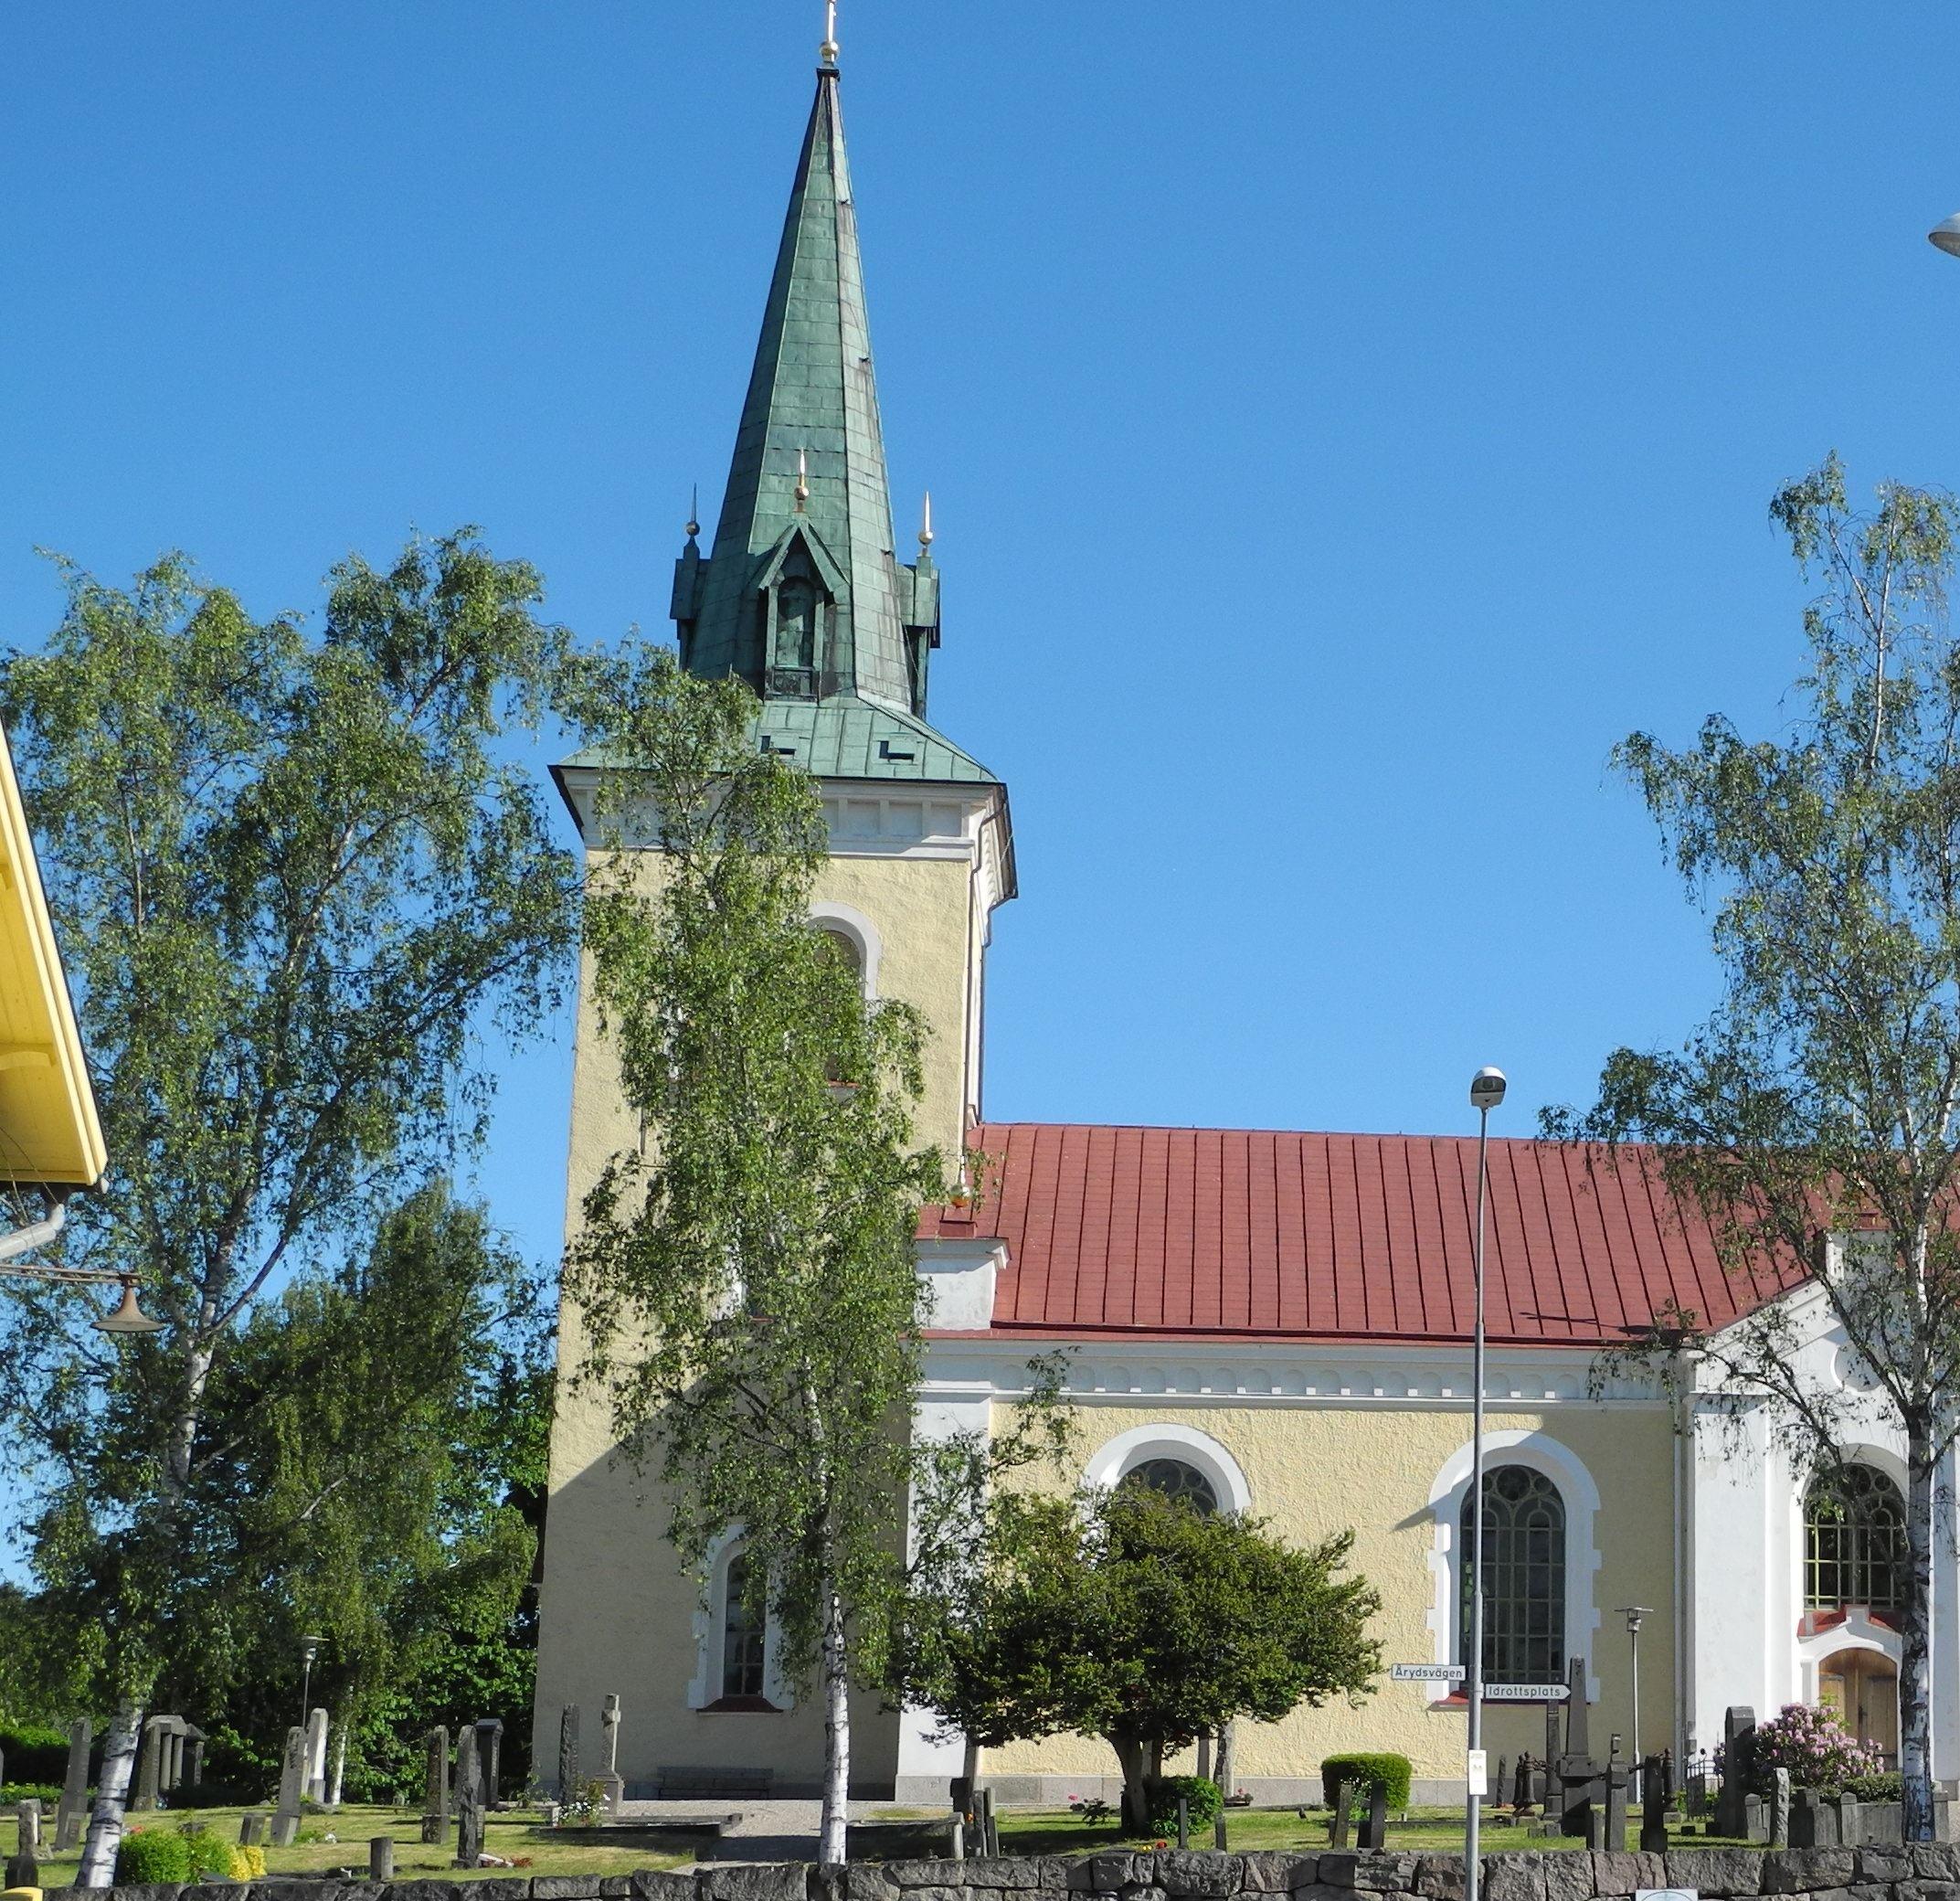 In memory of Ted Gärdestad